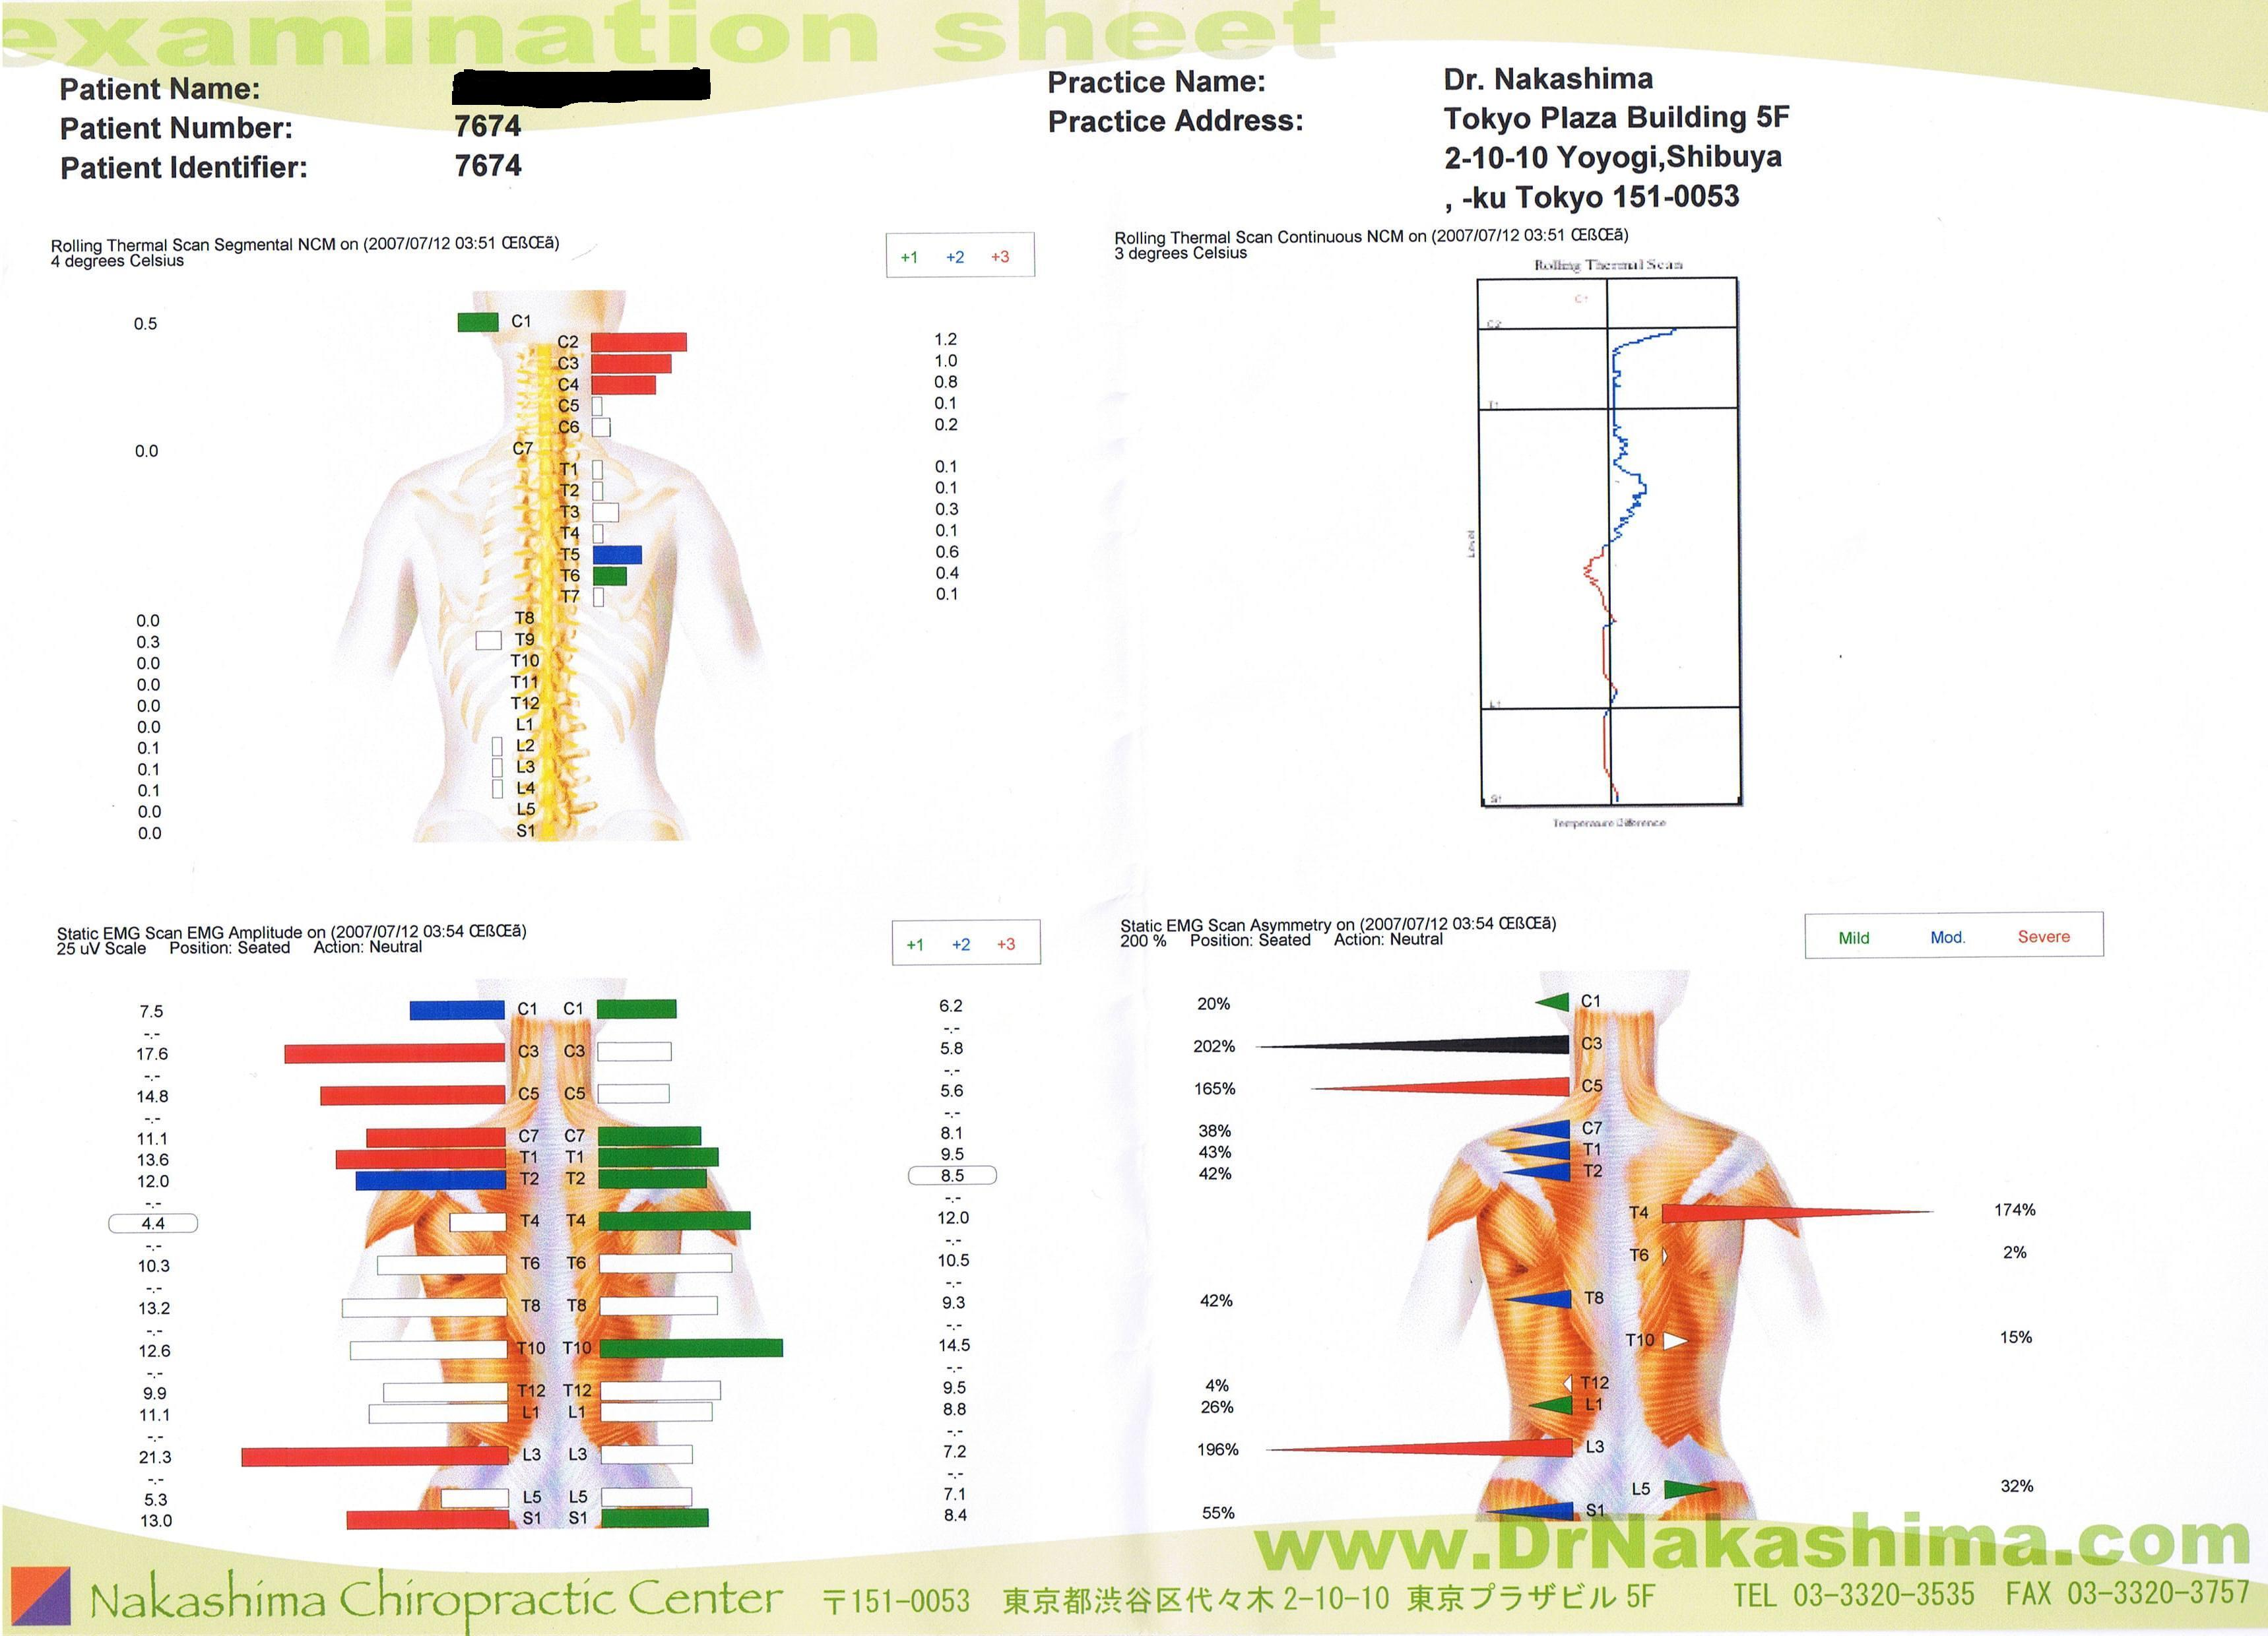 B20070712.examinationsheet01.jpg